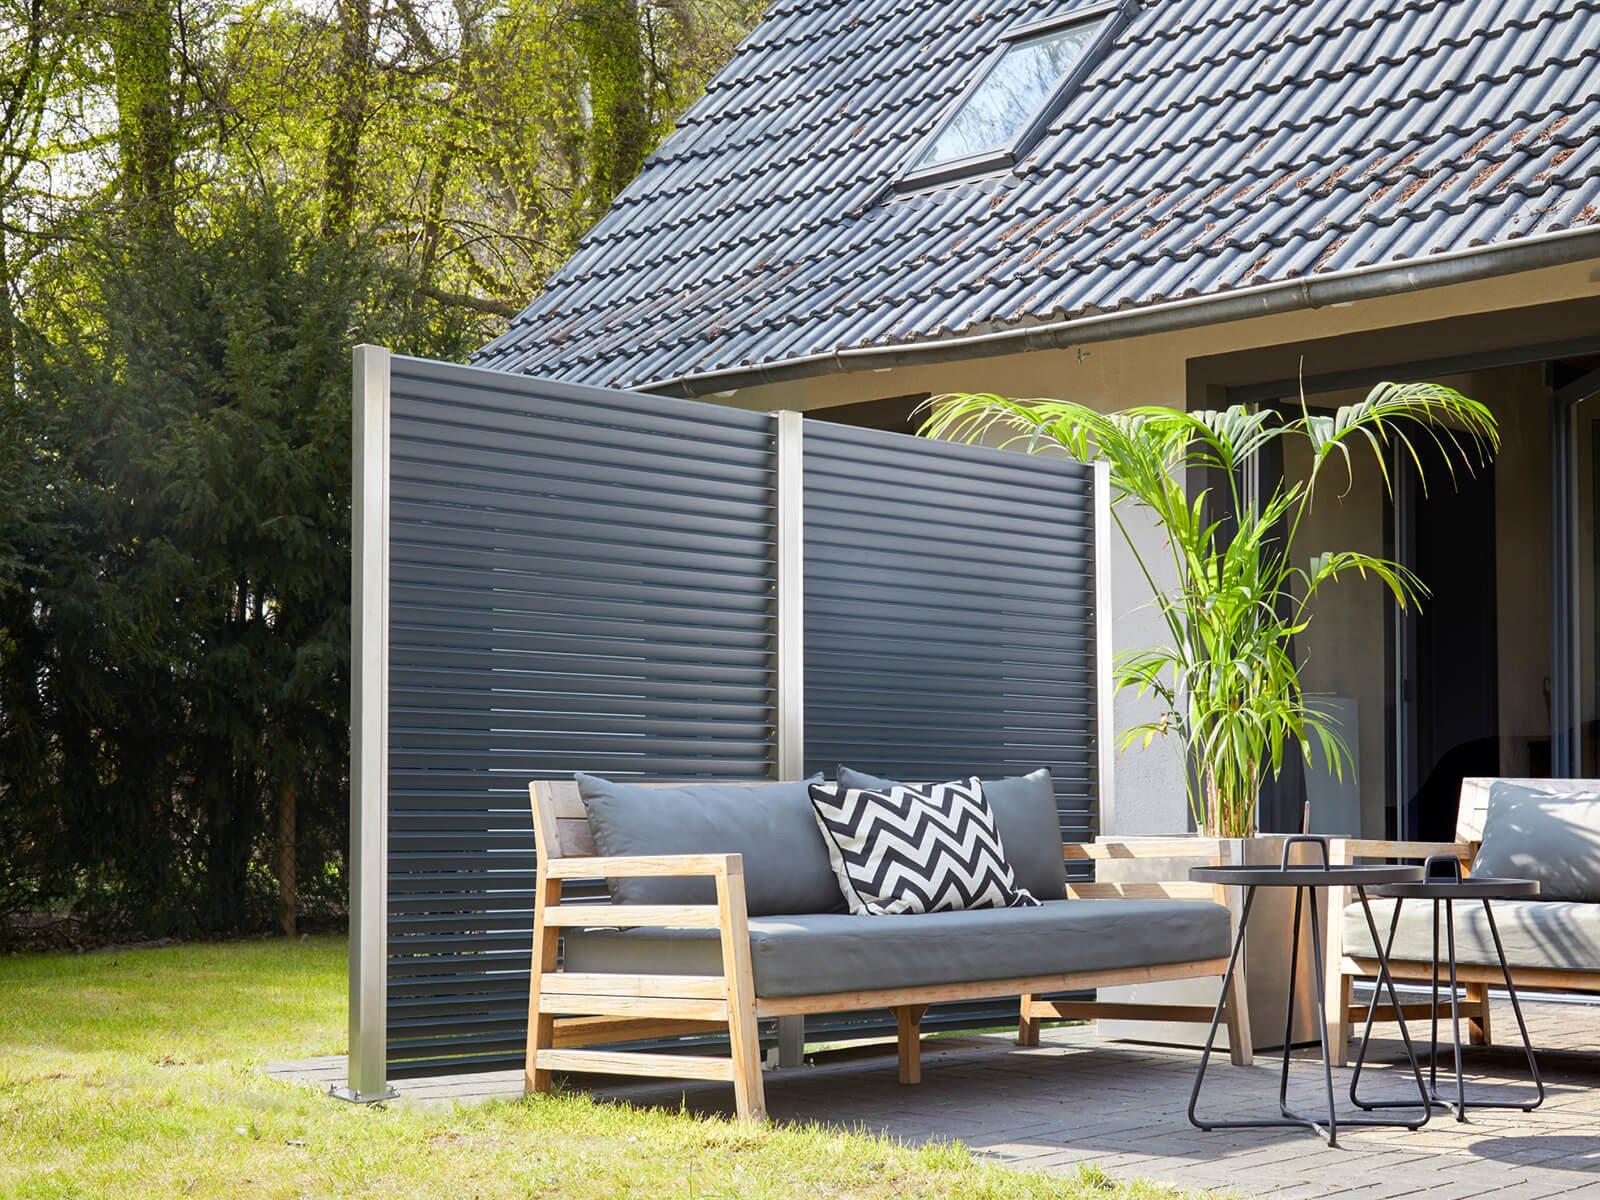 lamellenzaun-aus-hochwertigem-edelstahl-und-aluminium-optional-mit-pulverbeschichtung-als-windschutz-und-sichtschutz-fuer-den-outdoor-bereich